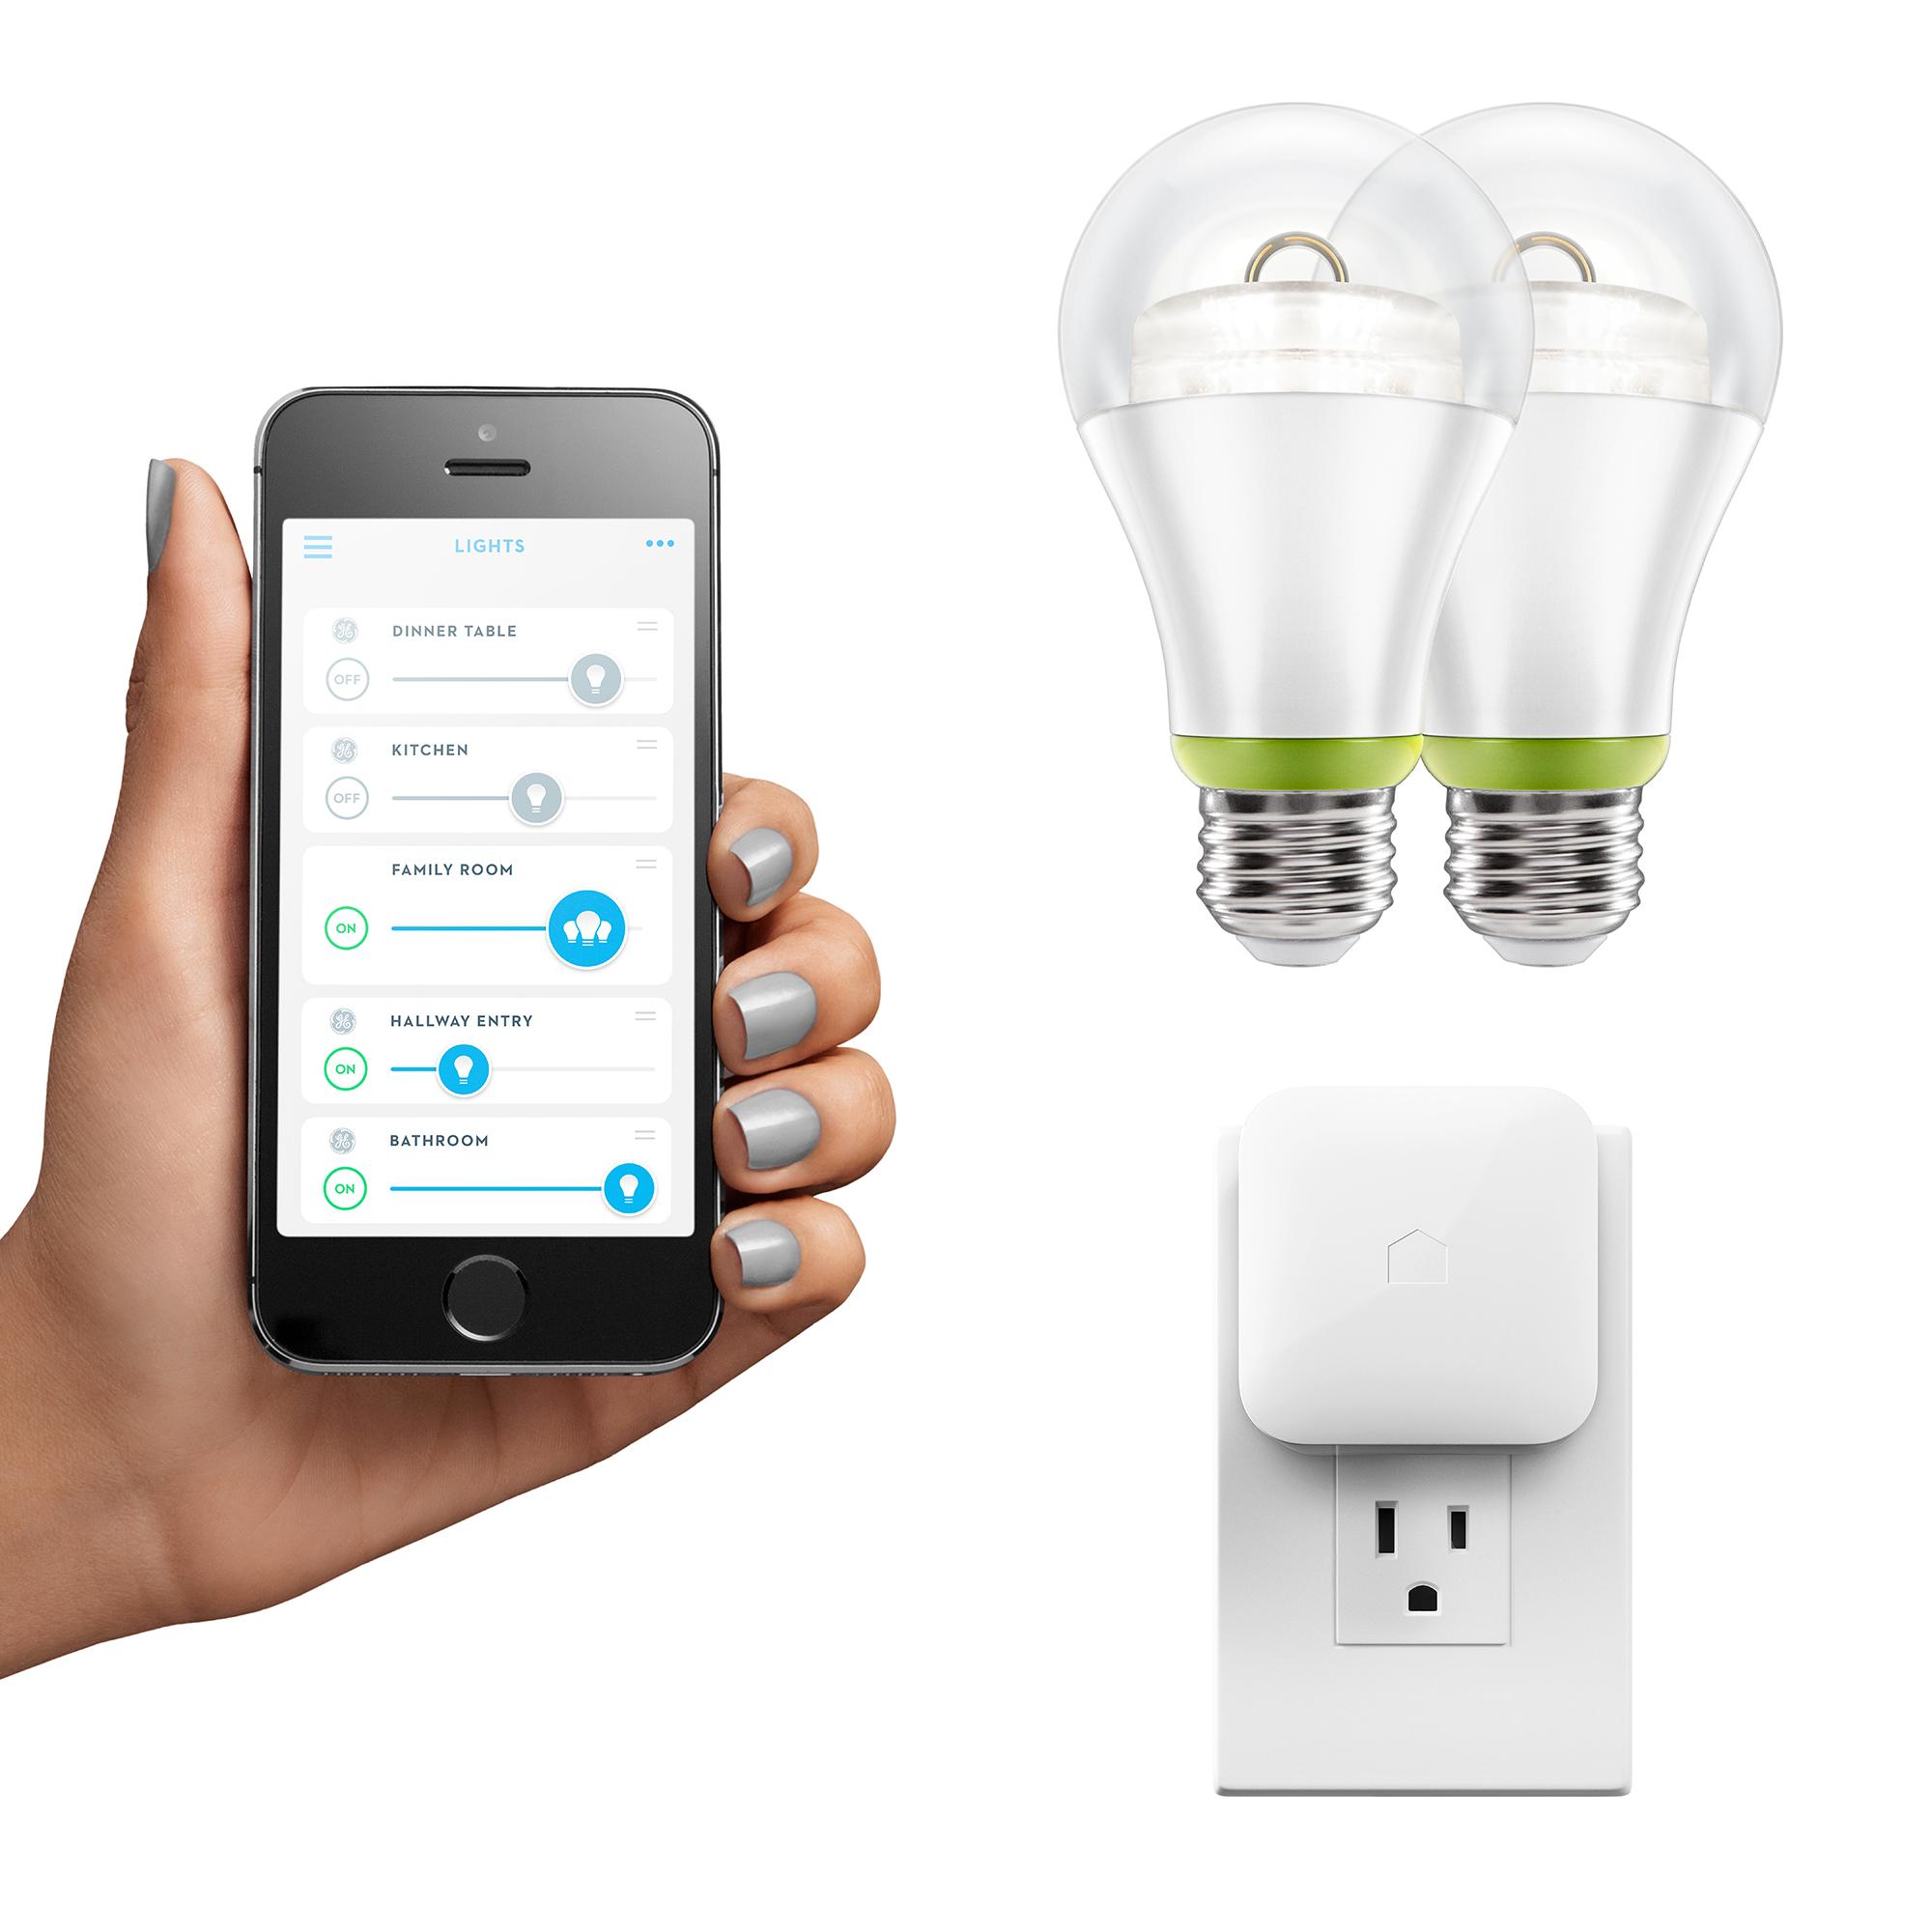 Image result for 通用電氣 Link Smart led